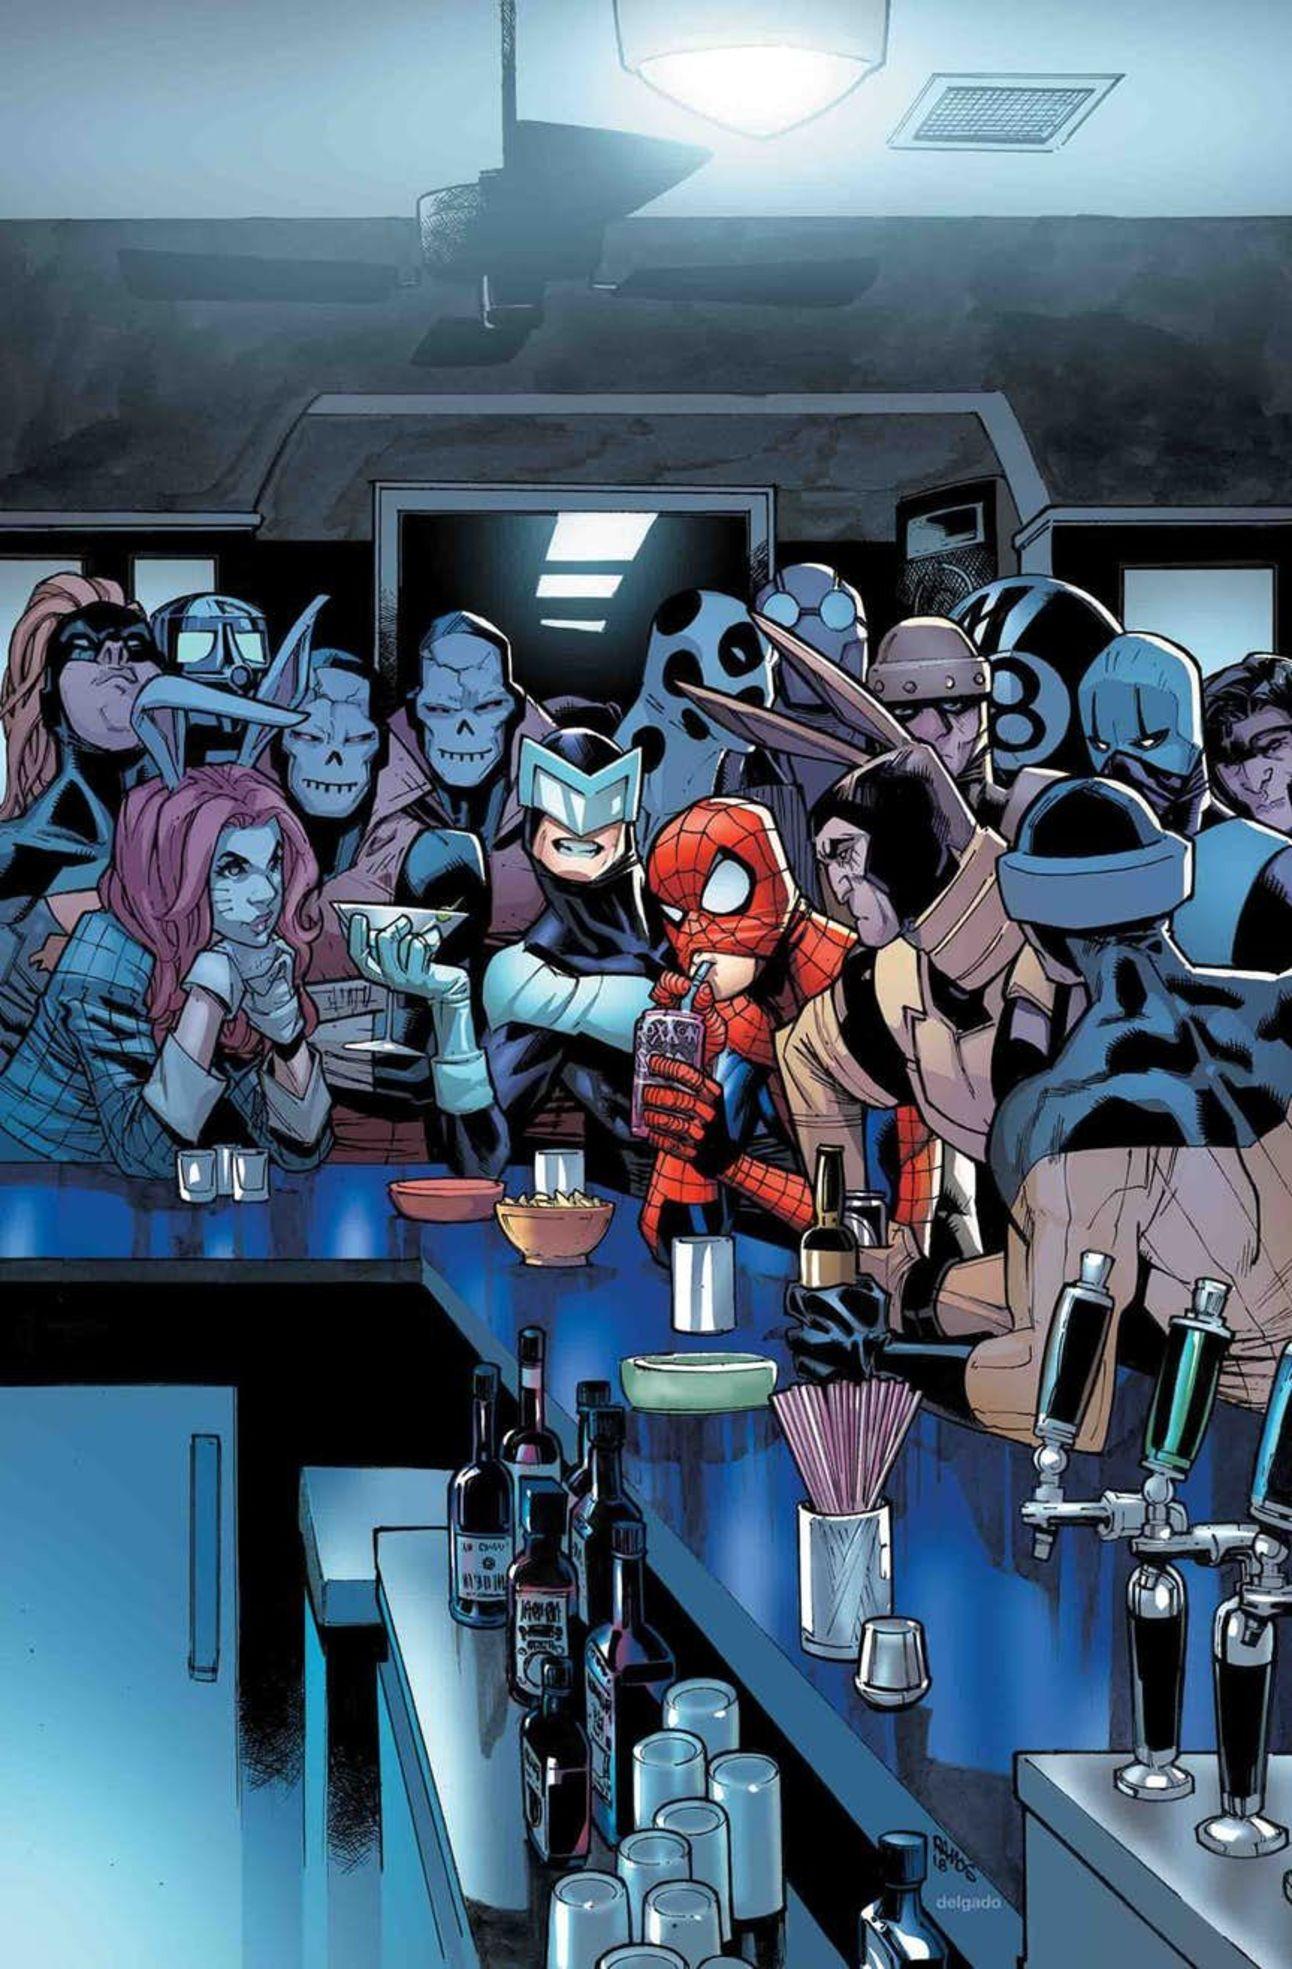 MarvelSeptember24